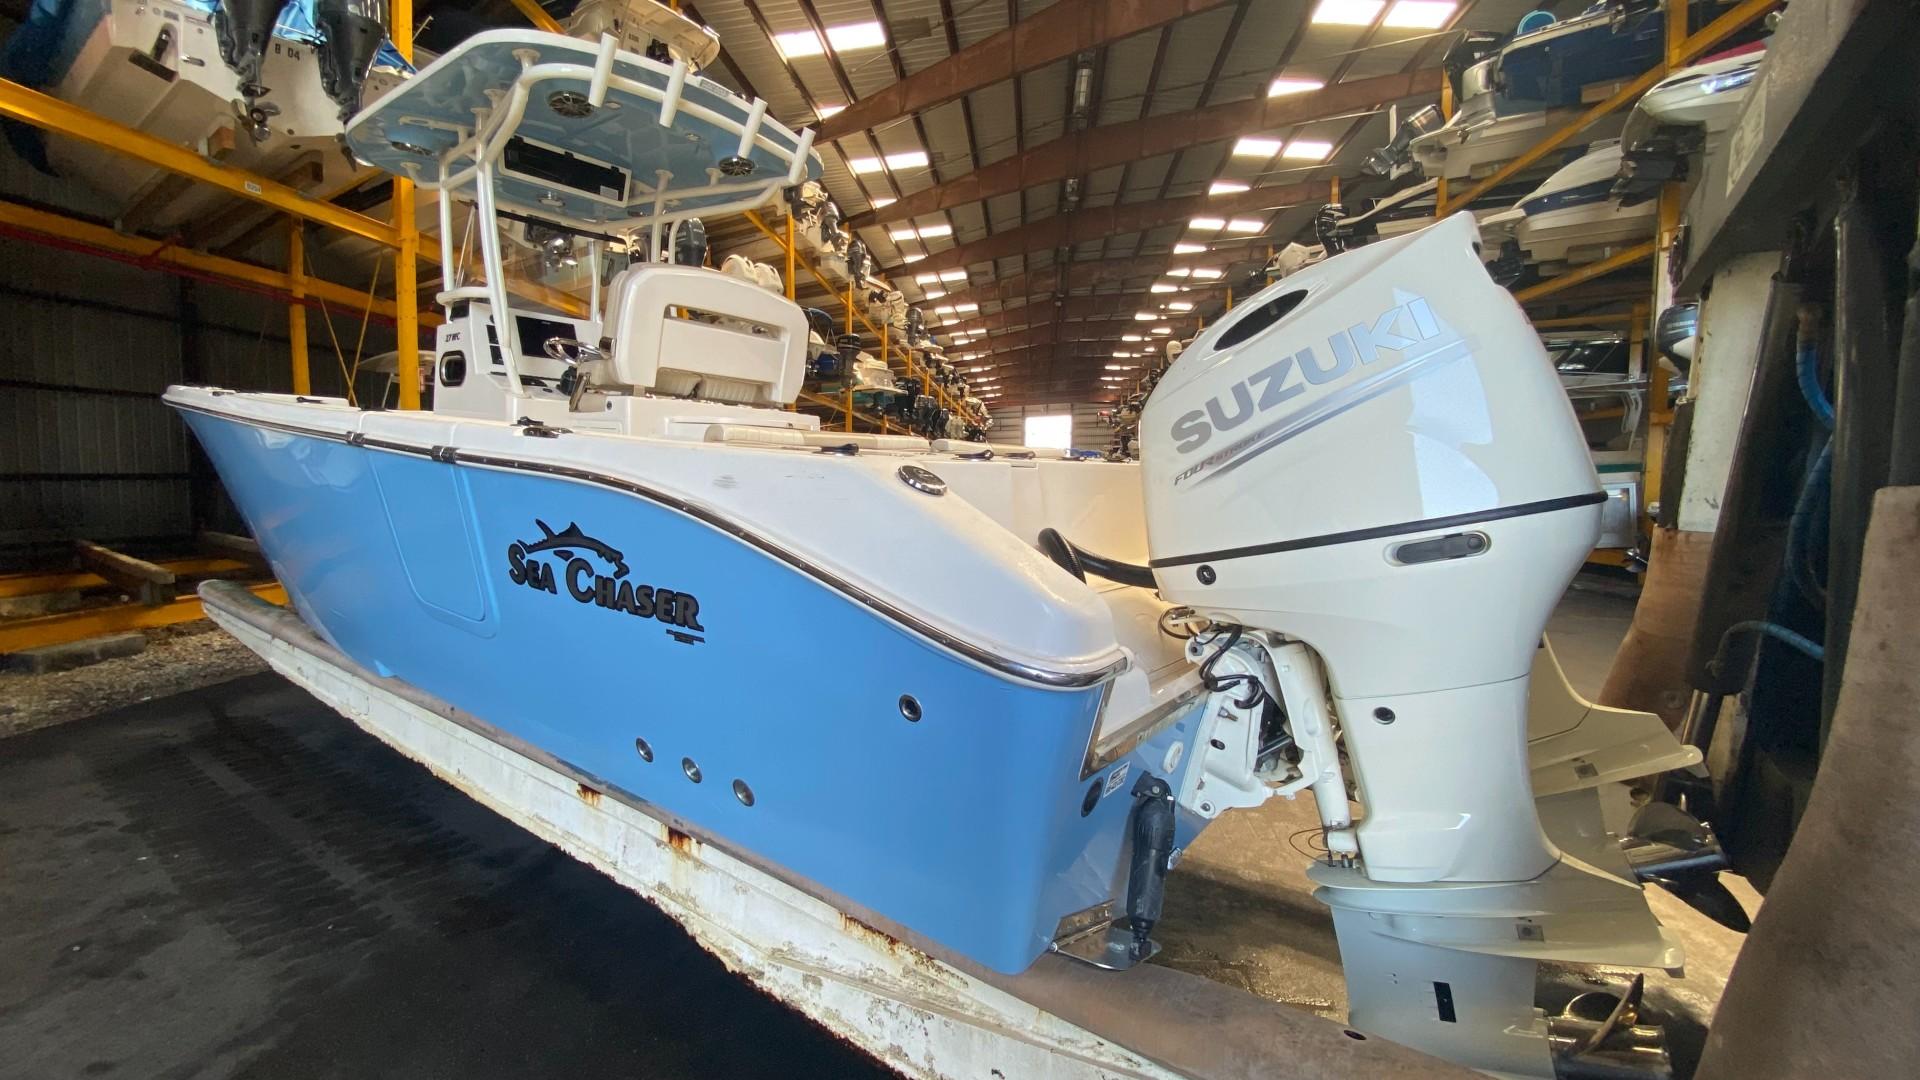 Sea Chaser 27 Profile